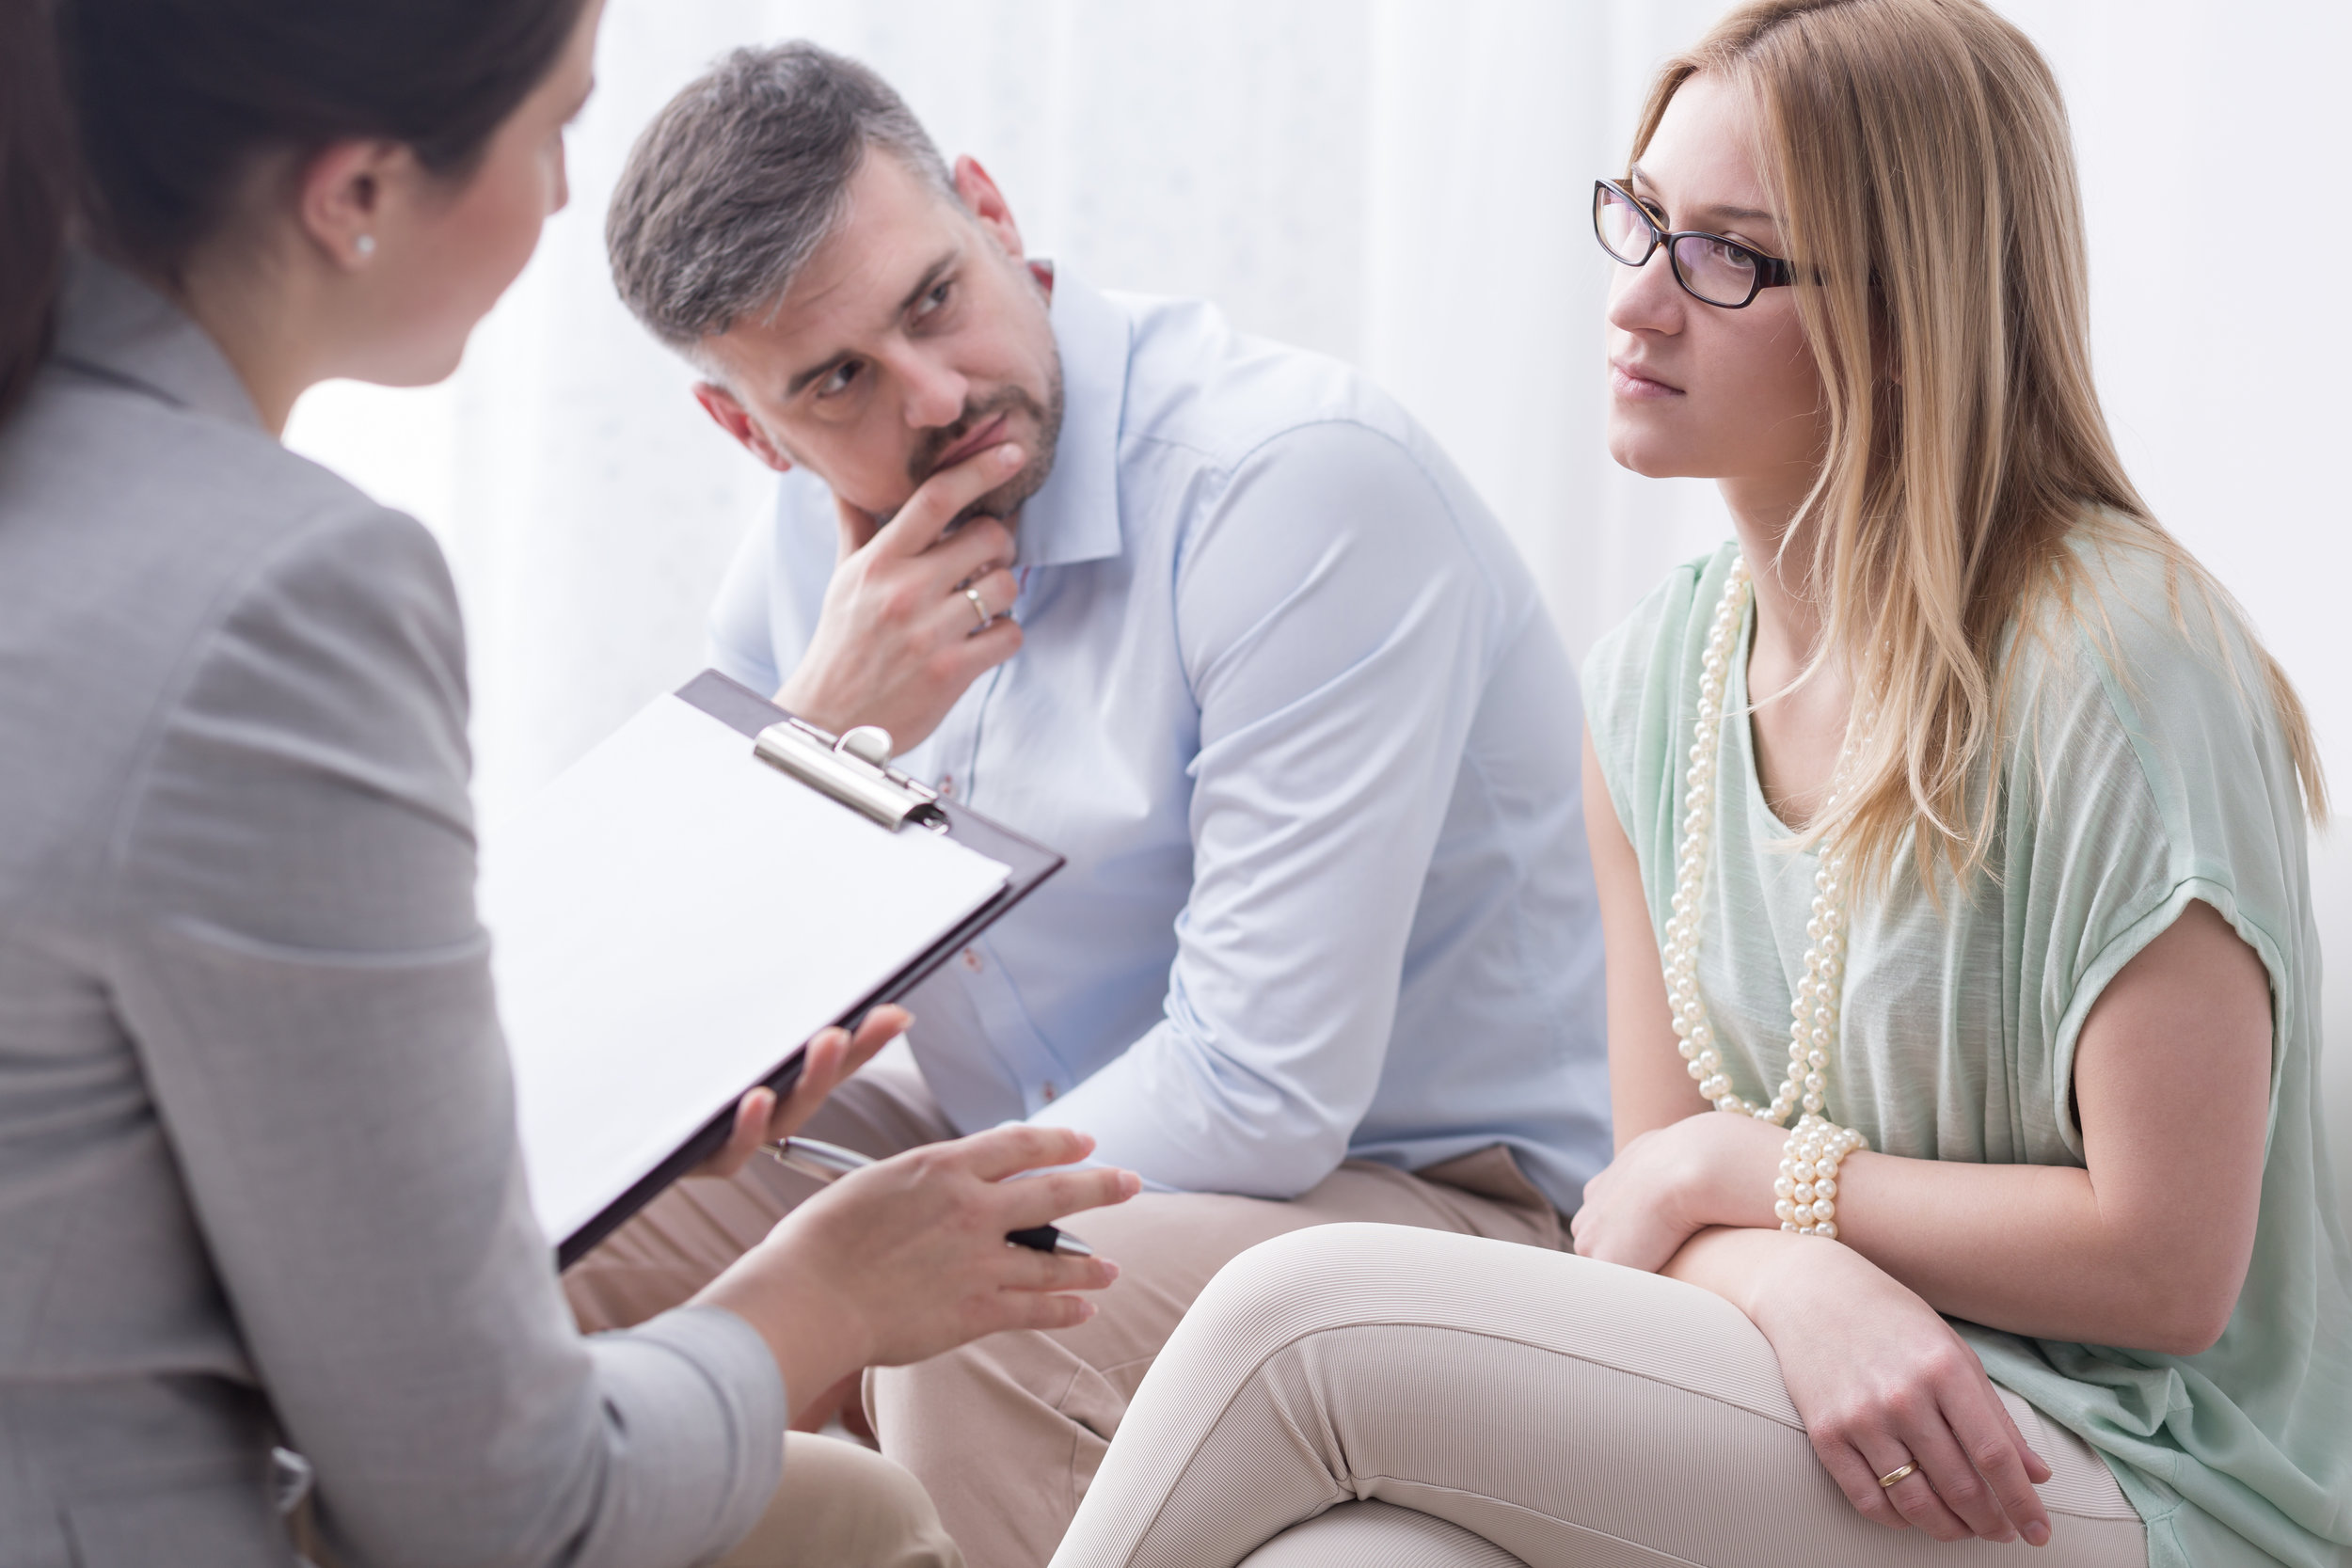 EHESCHEIDUNG - Bei Trennung und Scheidung der Ehe,stellen sich viele Fragen.